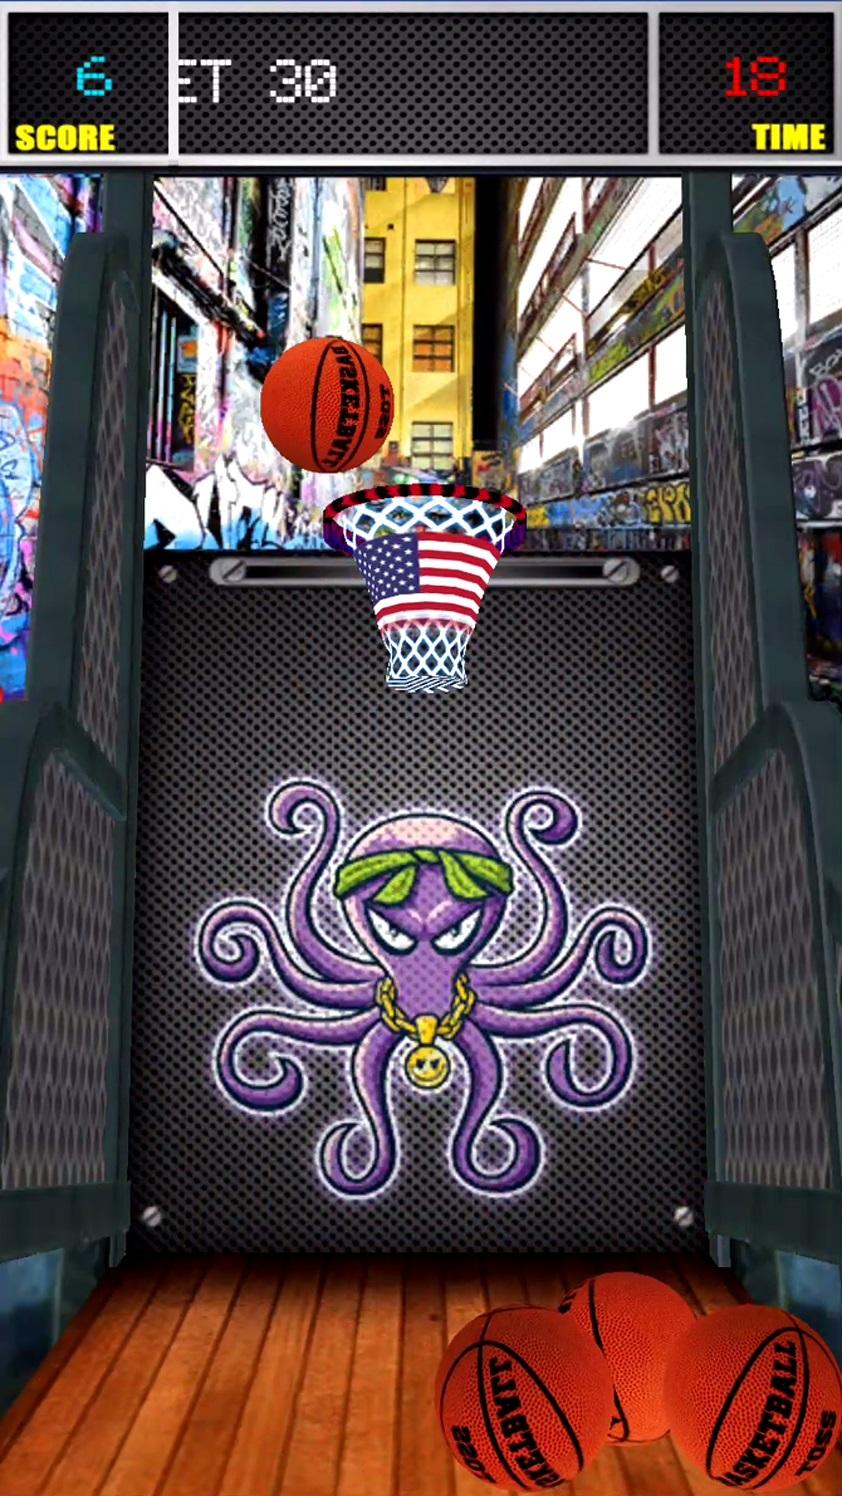 バスケットボールトーズスター数 3Dバスケットボールシミュレータ androidアプリスクリーンショット1